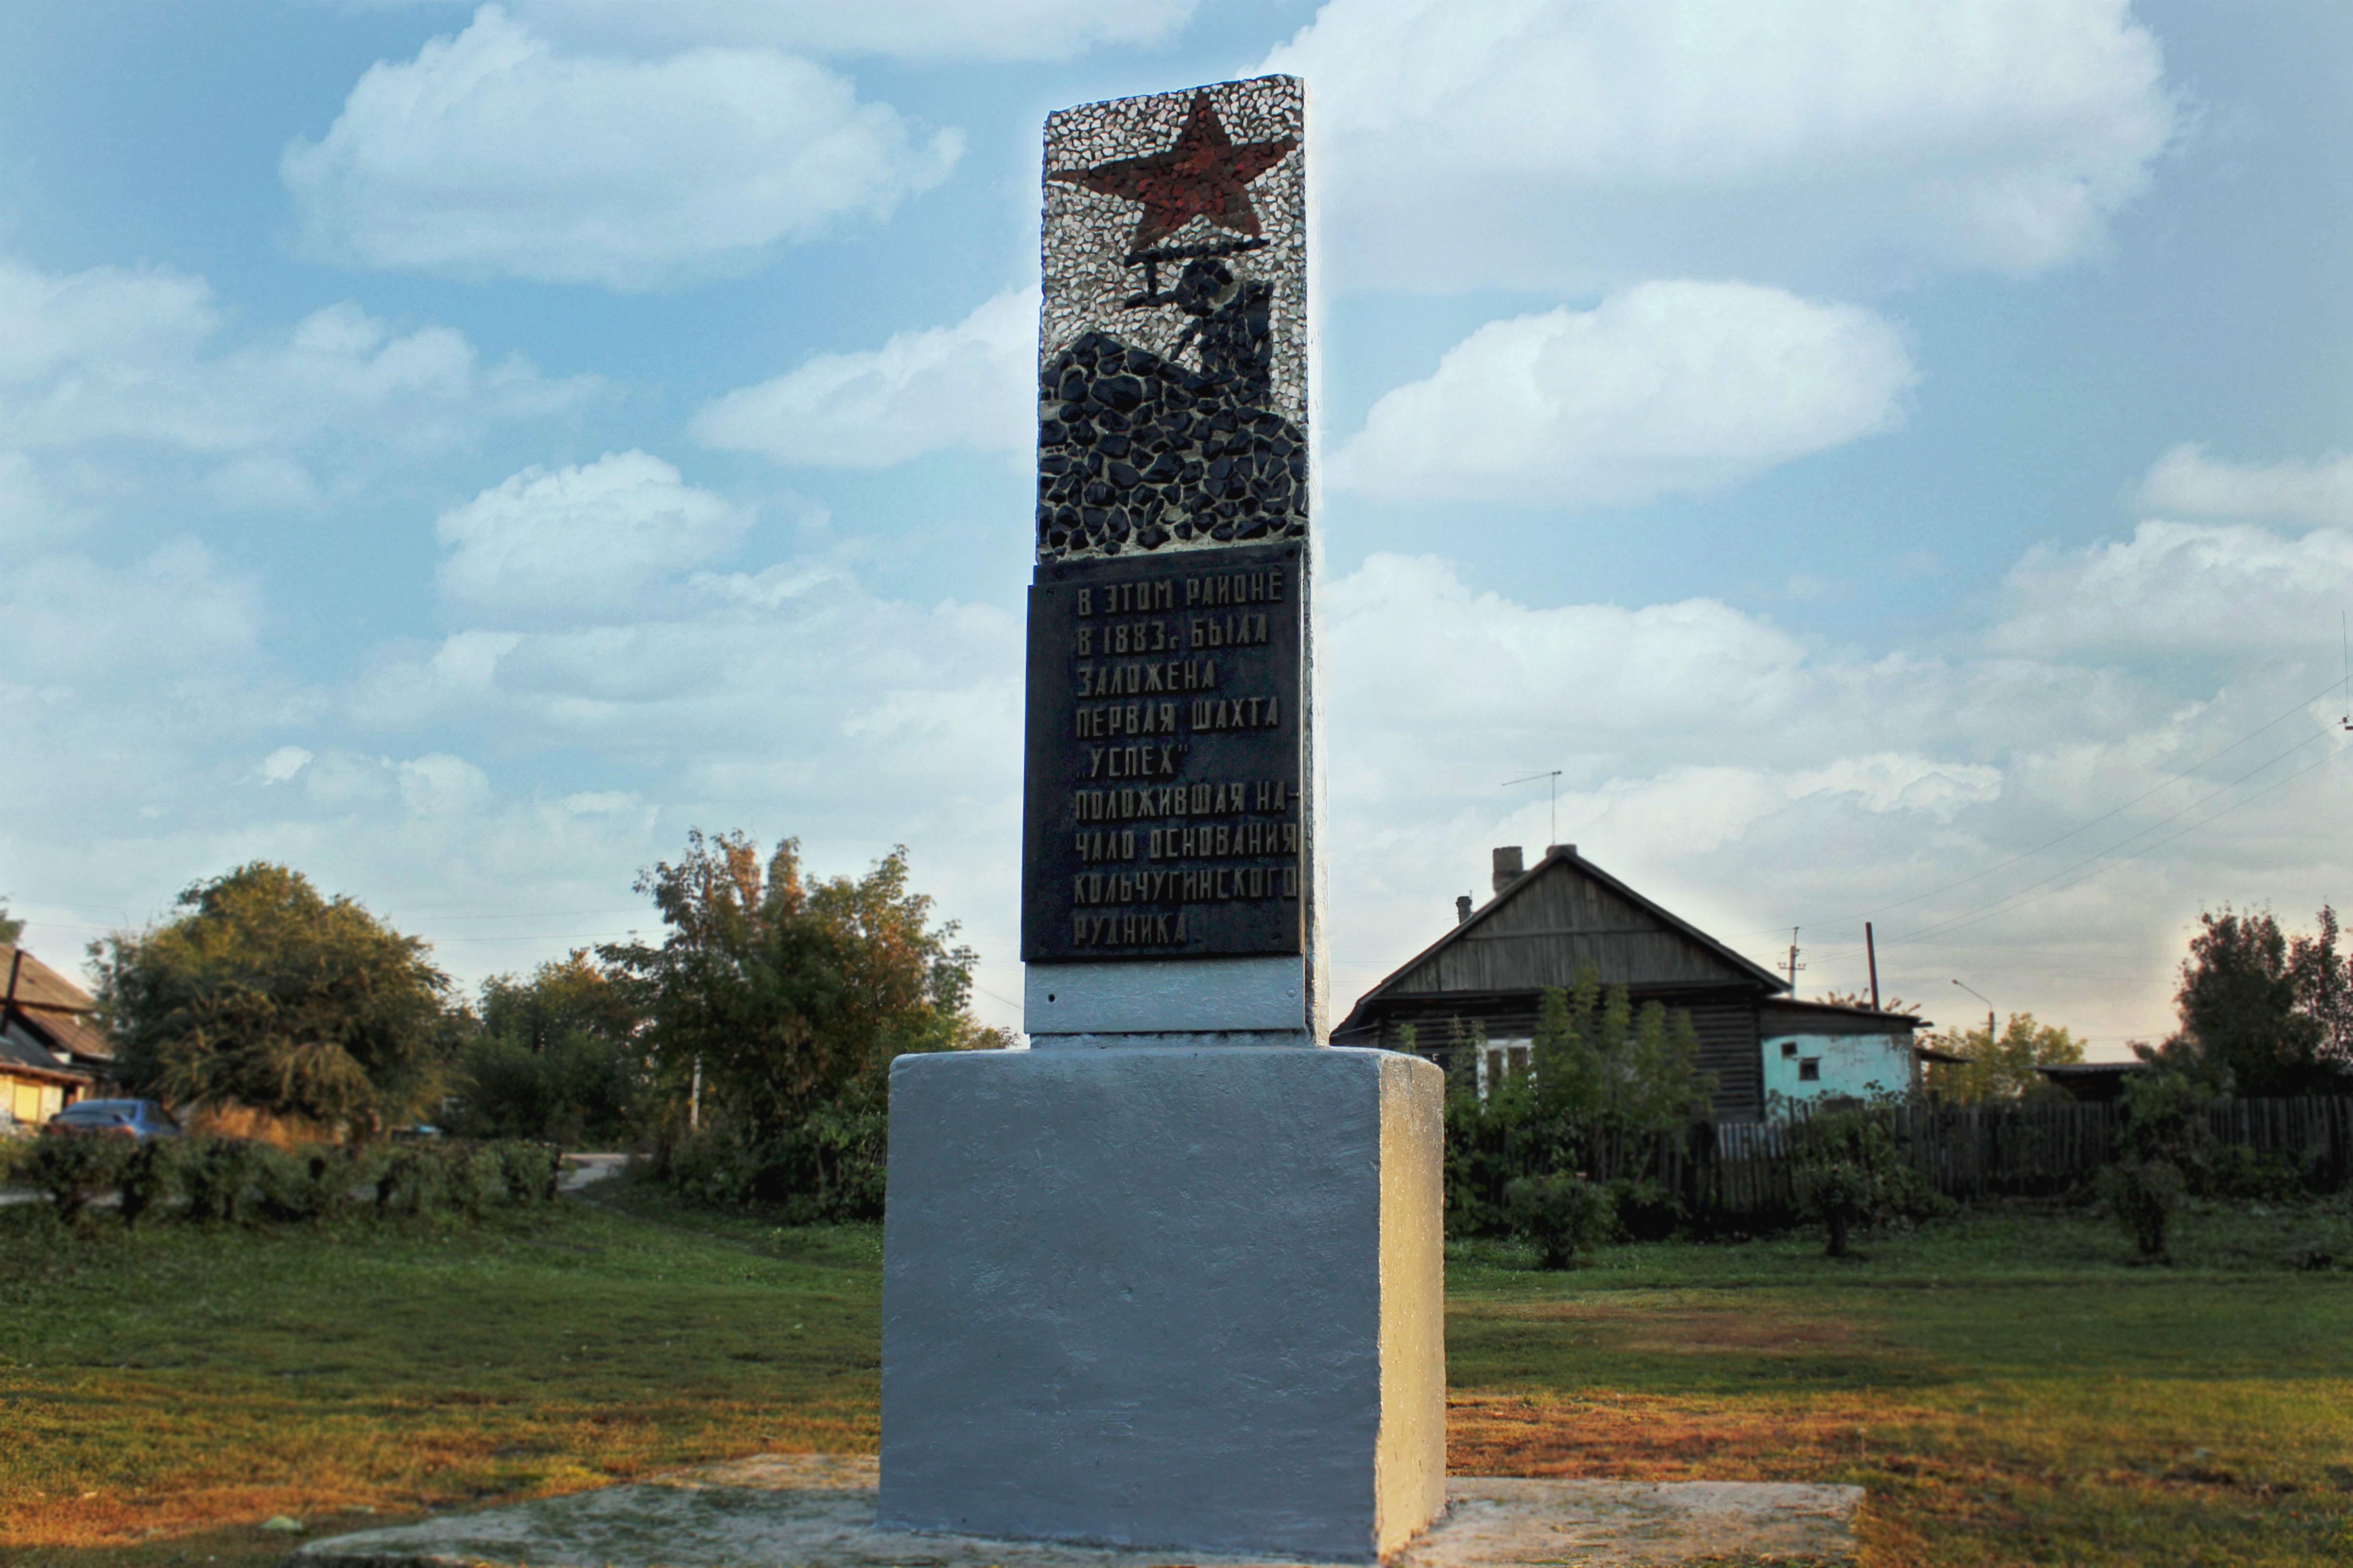 Местечко тихое Кузбасс в годы гражданской войны.